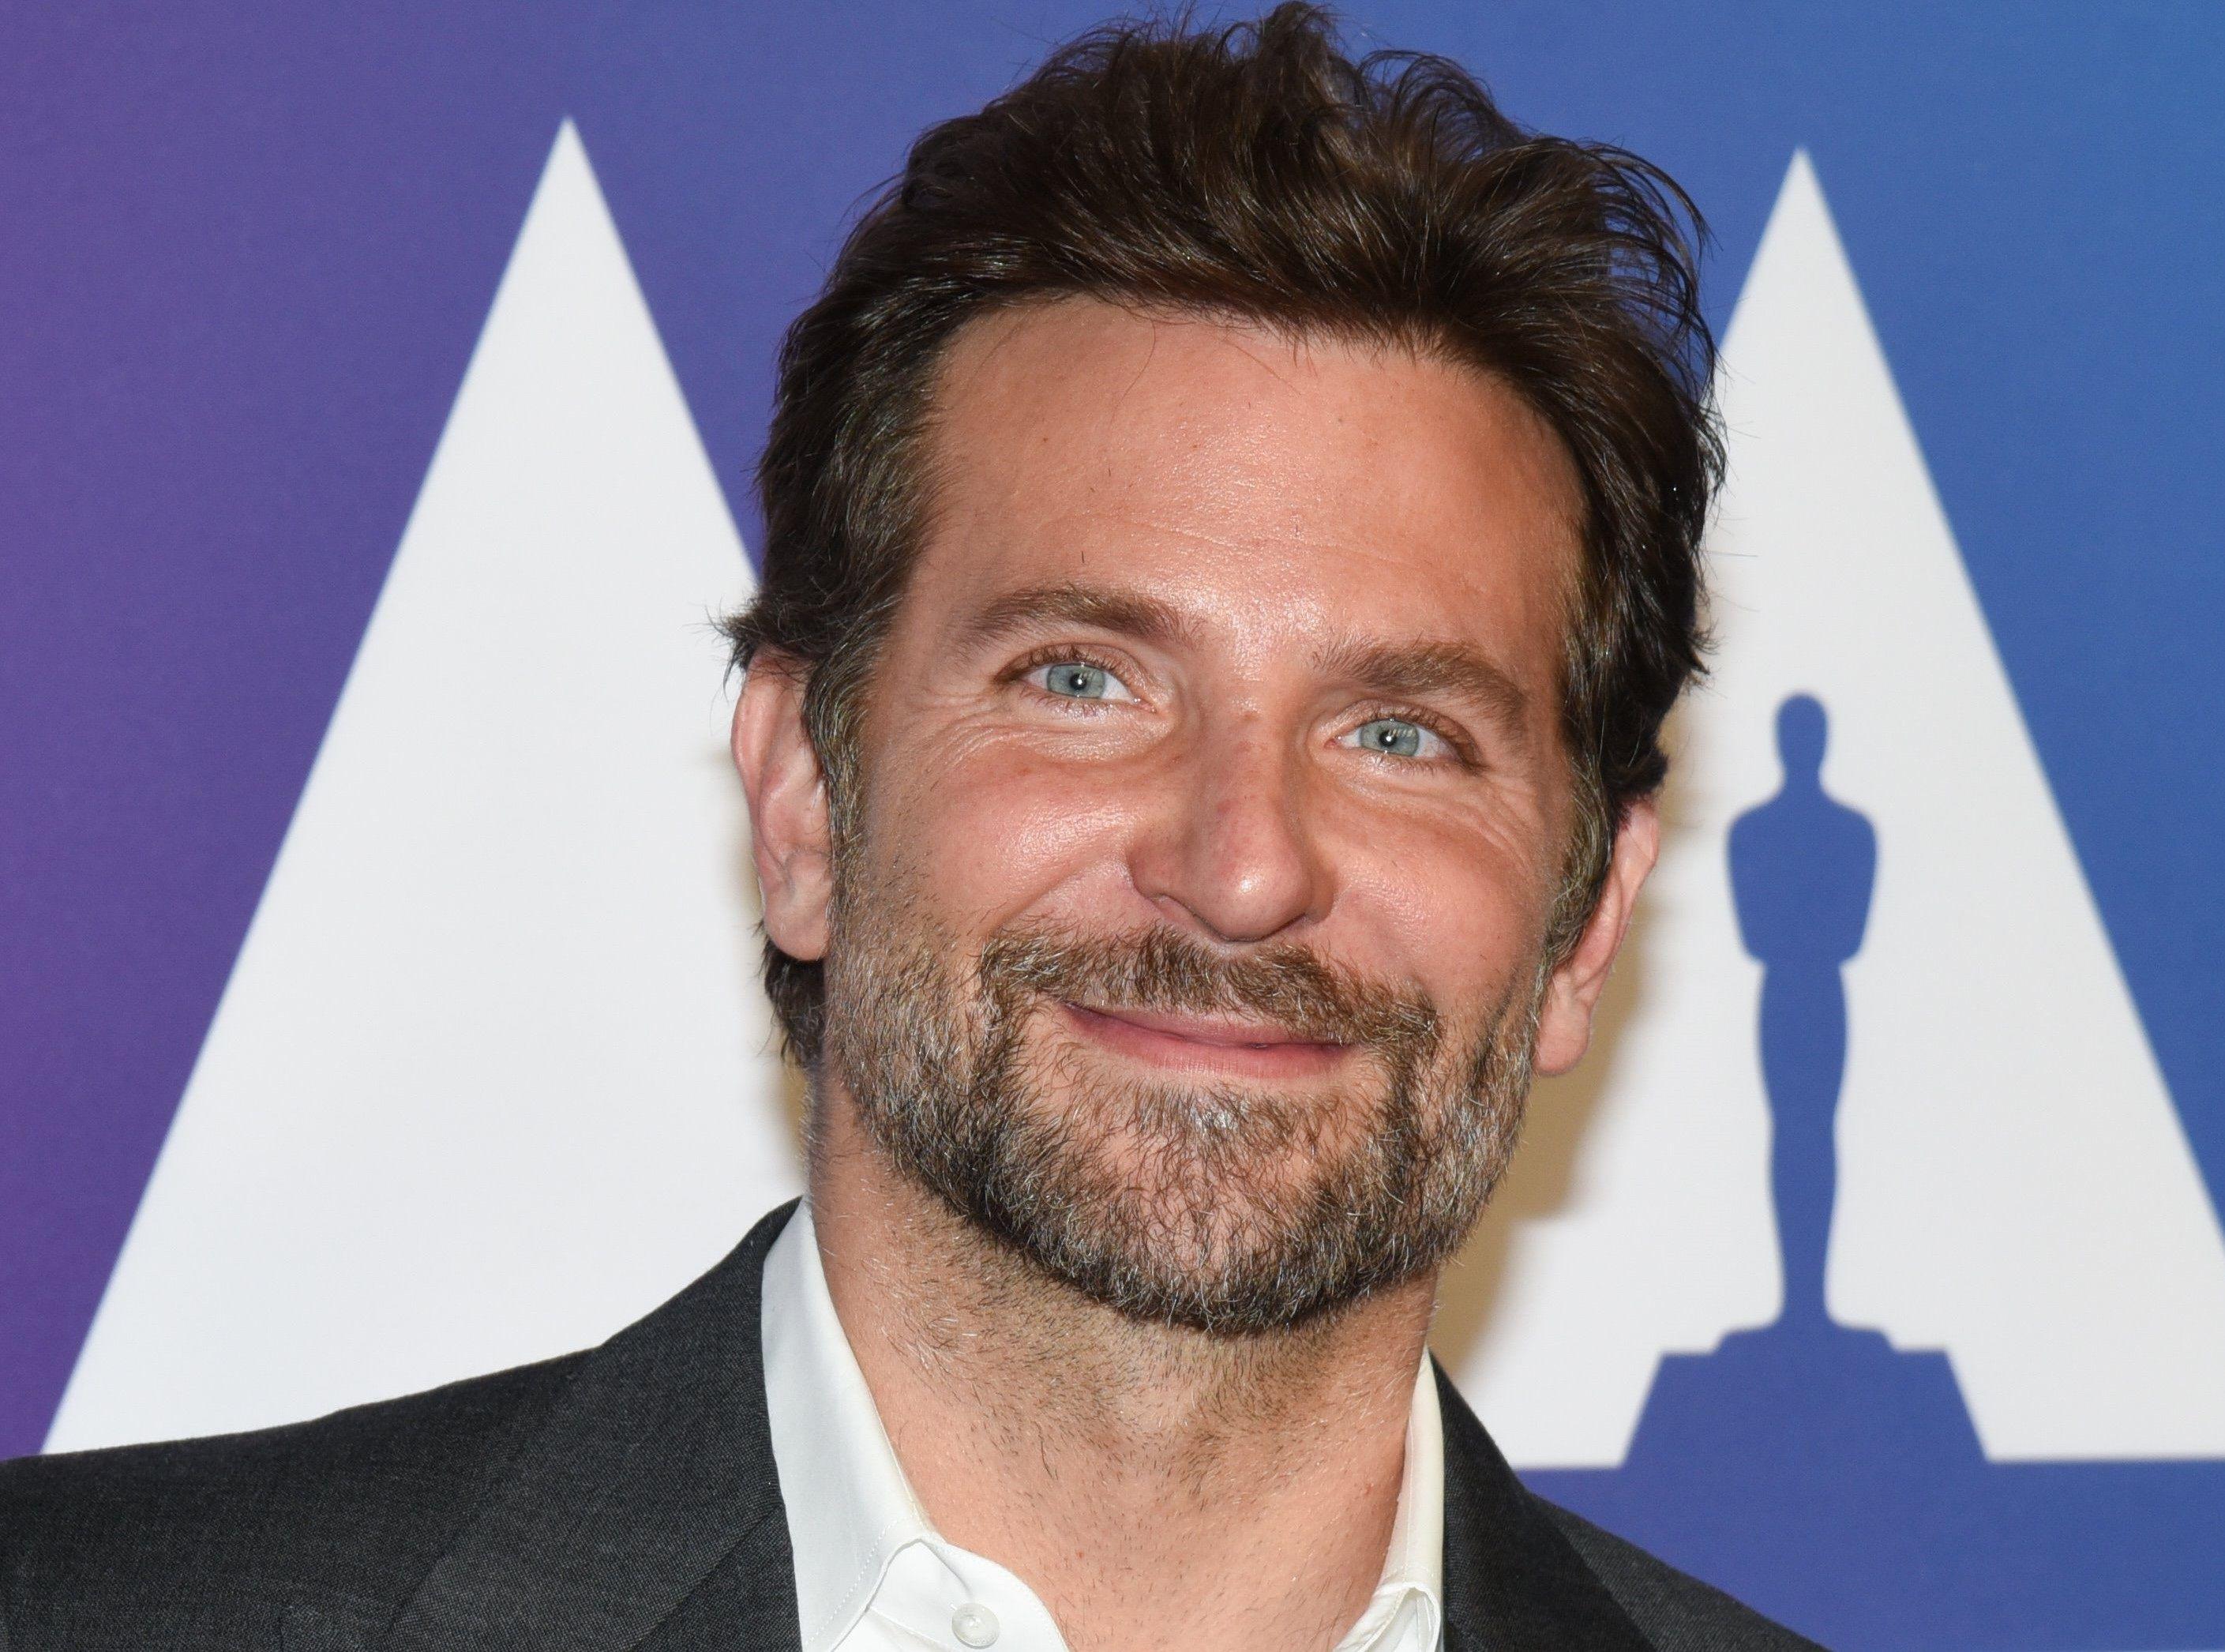 04/08/2020 Bradley Cooper en el almuerzo del nominados a los Oscar en el Beverly Hilton Hotel CULTURA BILLY BENNIGHT/ZUMA WIRE/DPA